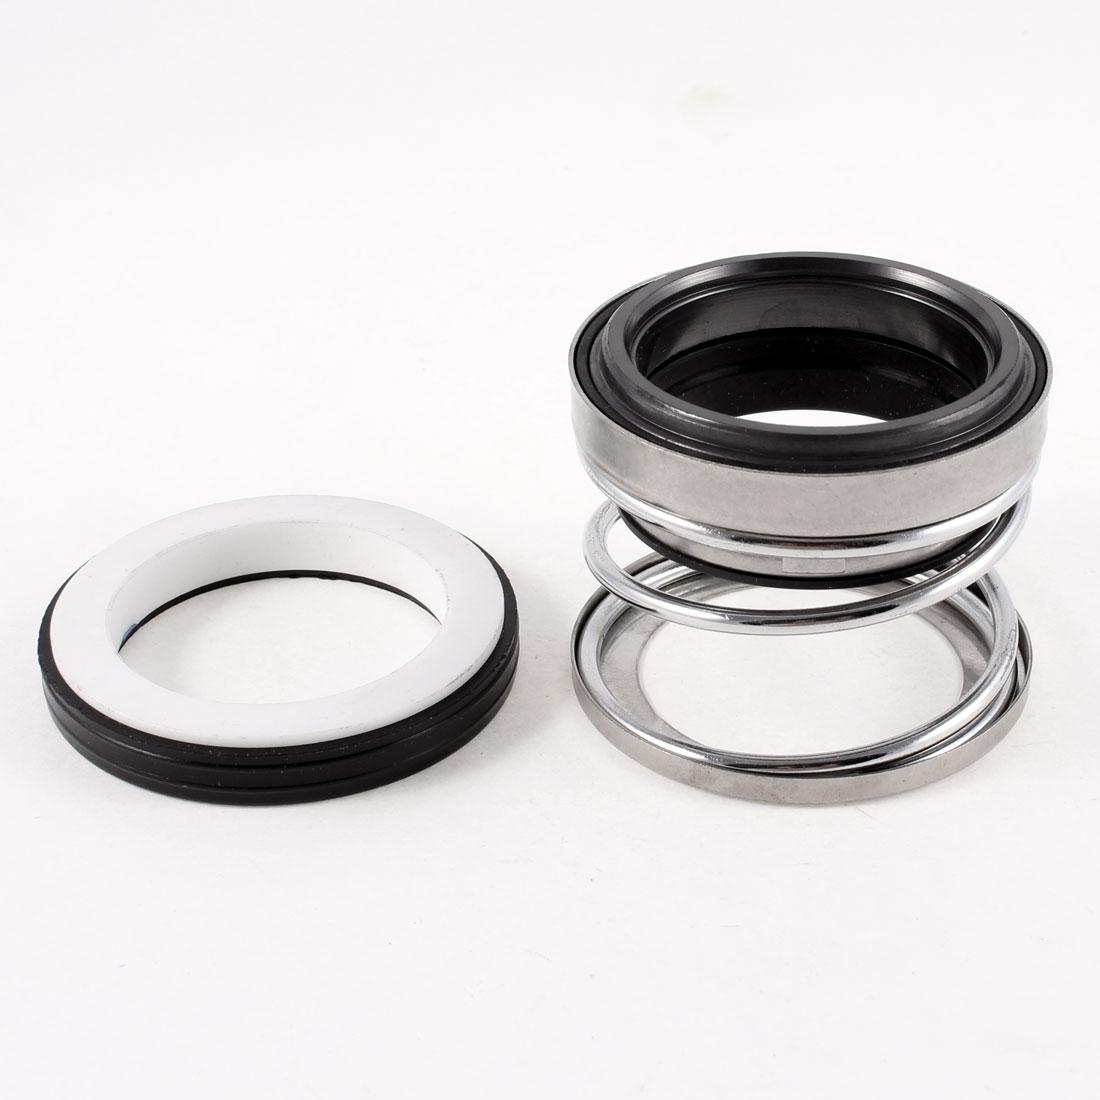 HM108-40 40mm Inner Diameter Single Coil Spring Bellows Mechanical Seal